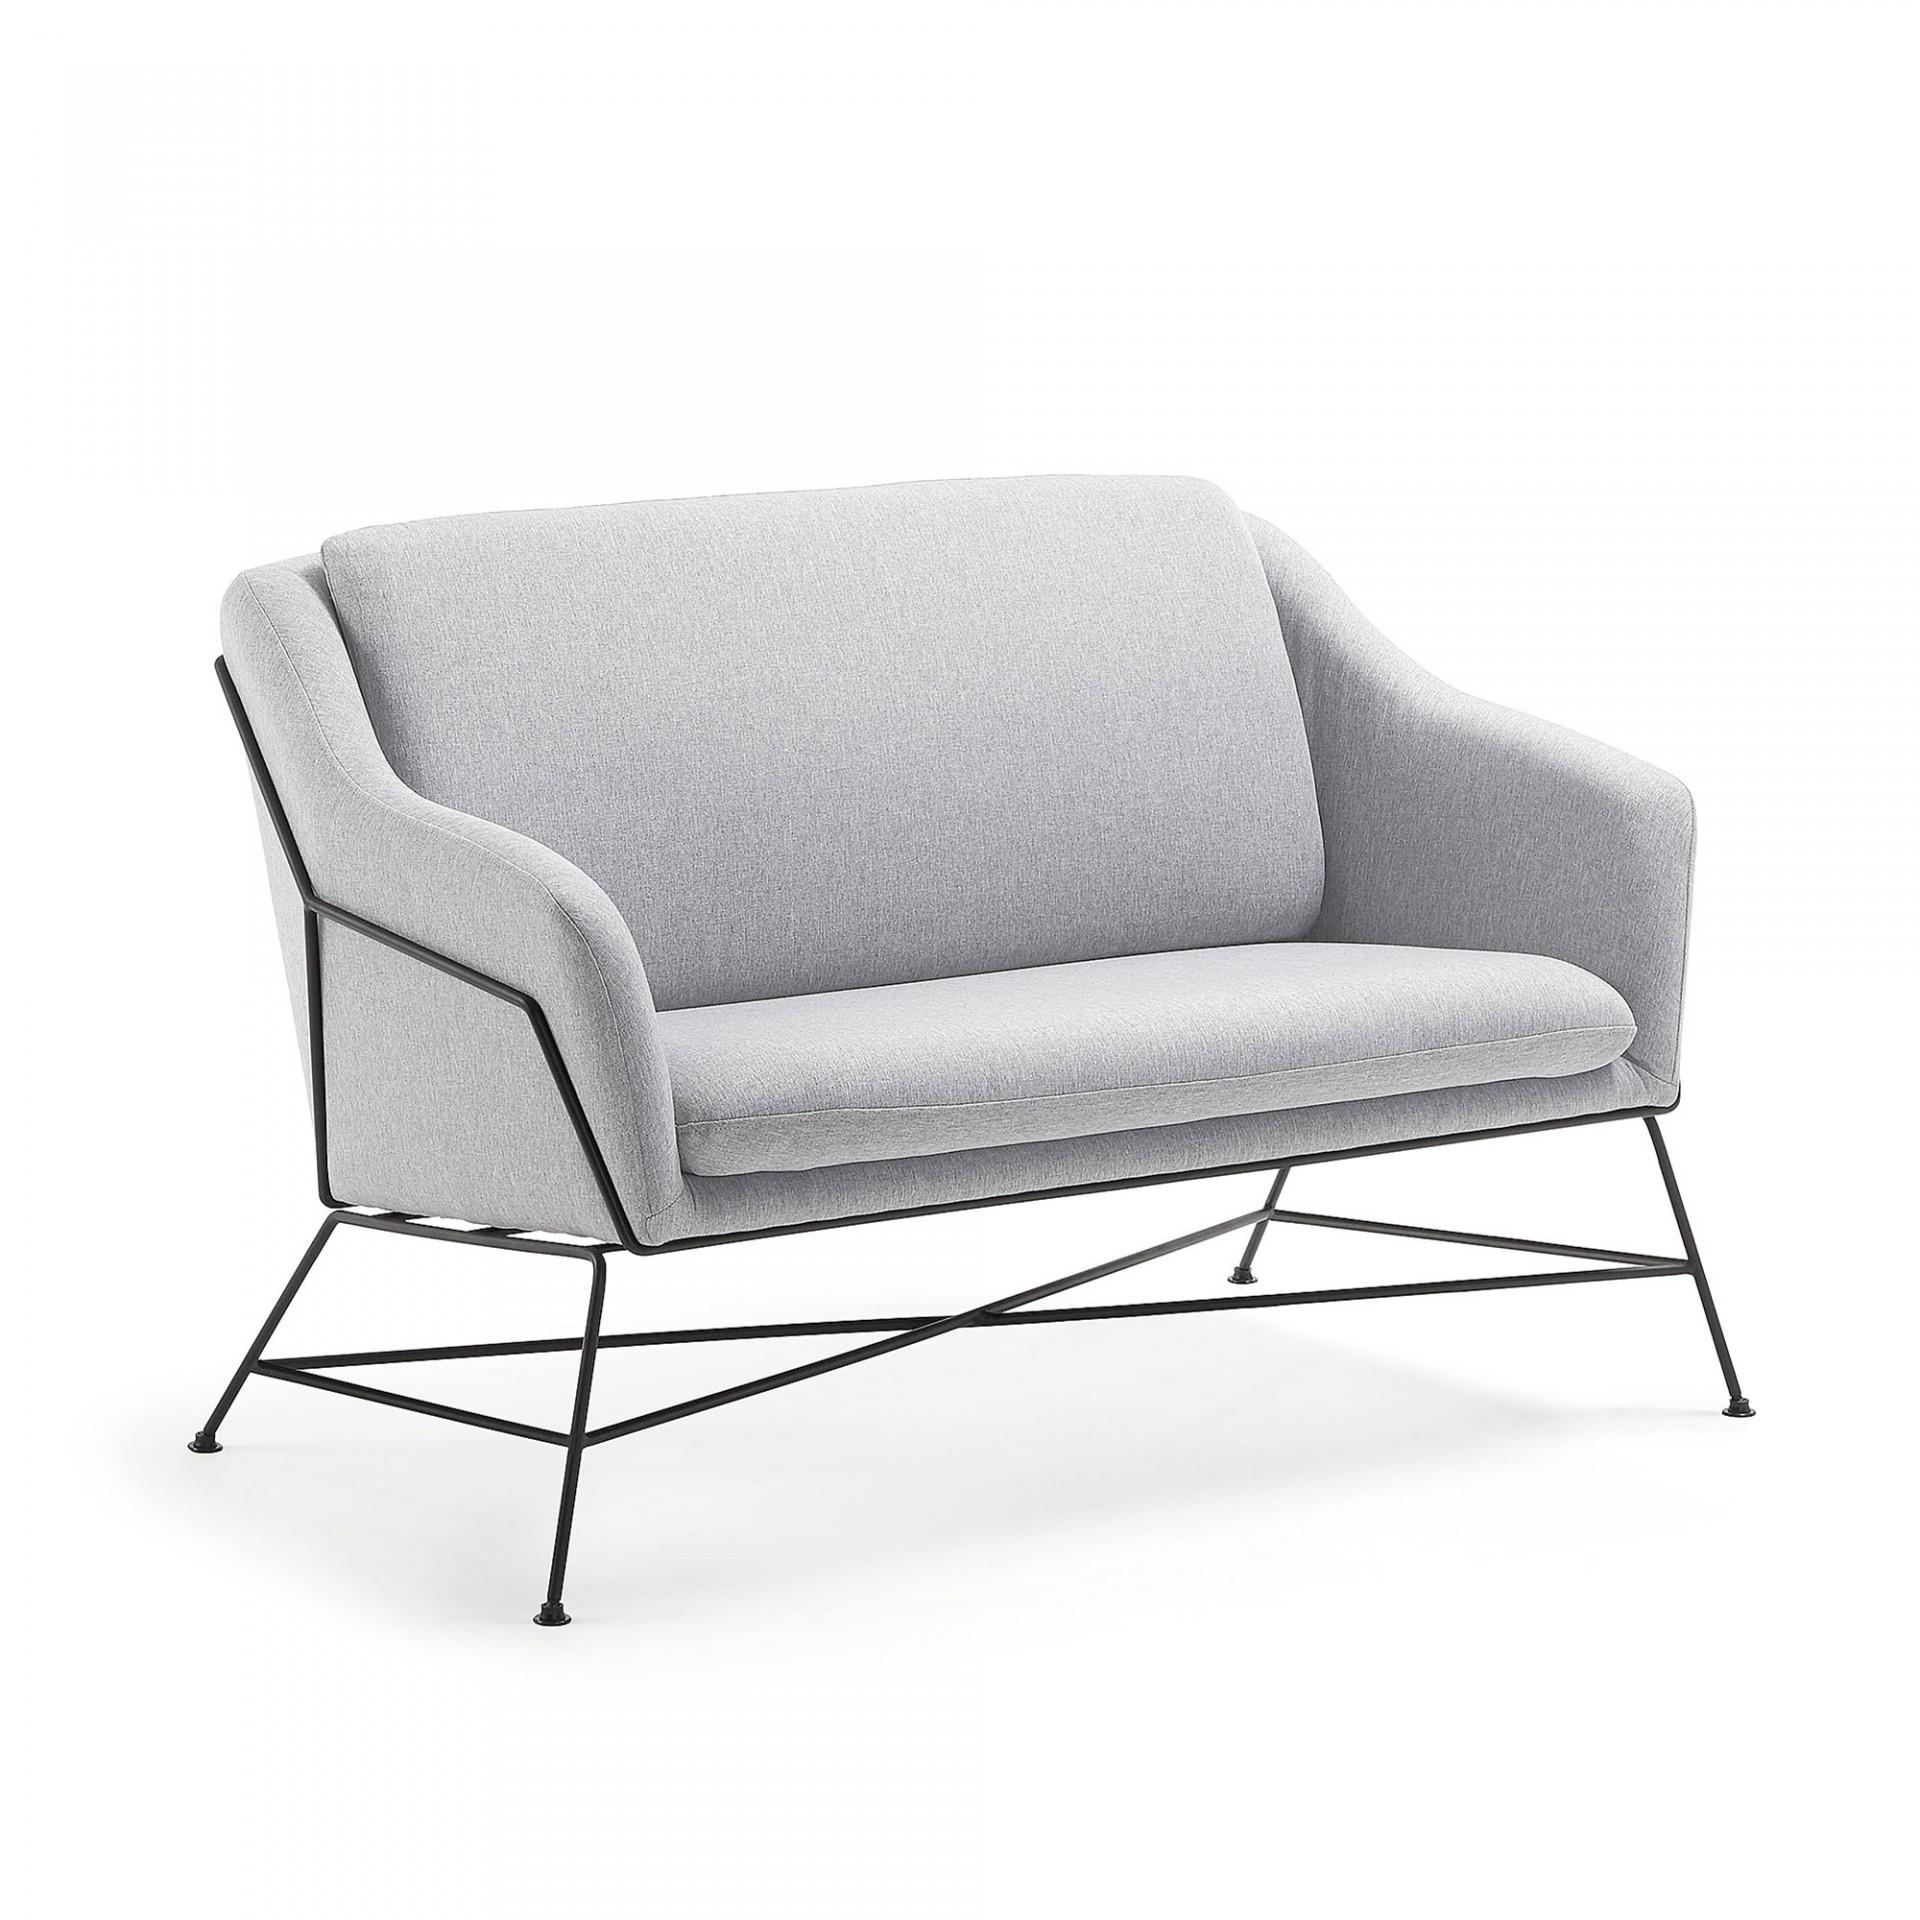 Sofá Breda, estofado, 2 assentos, 73x128 cm